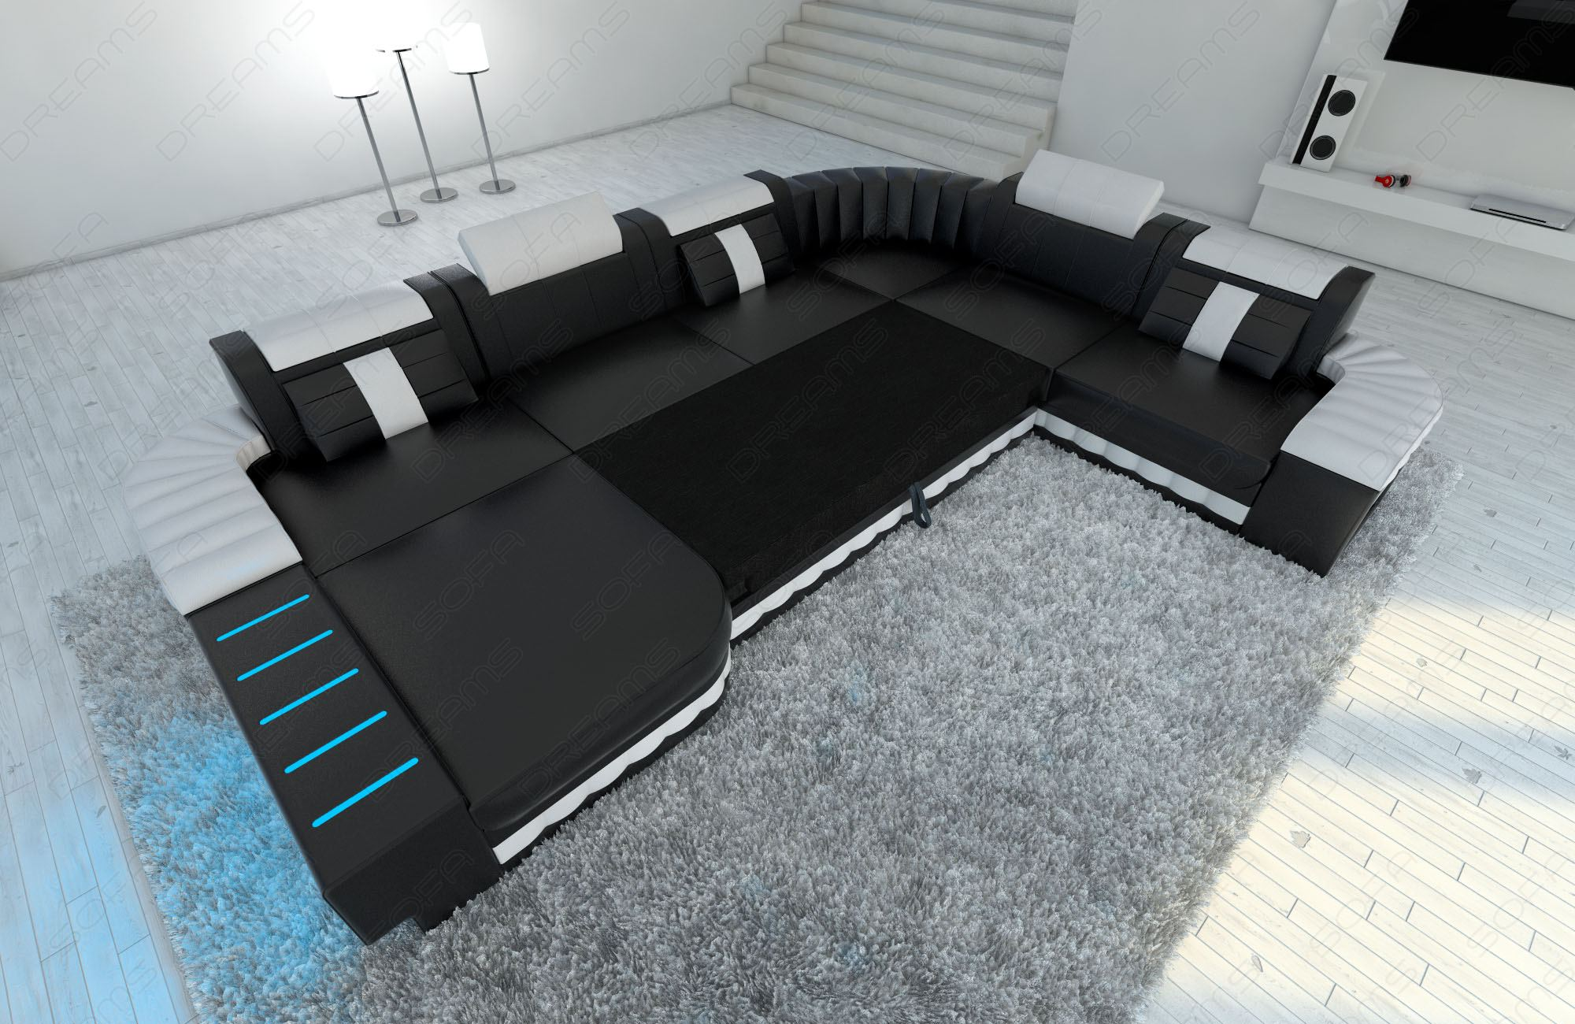 Wohnlandschaft Bellagio Xxl Mit Led Beleuchtung Echtleder Sofa